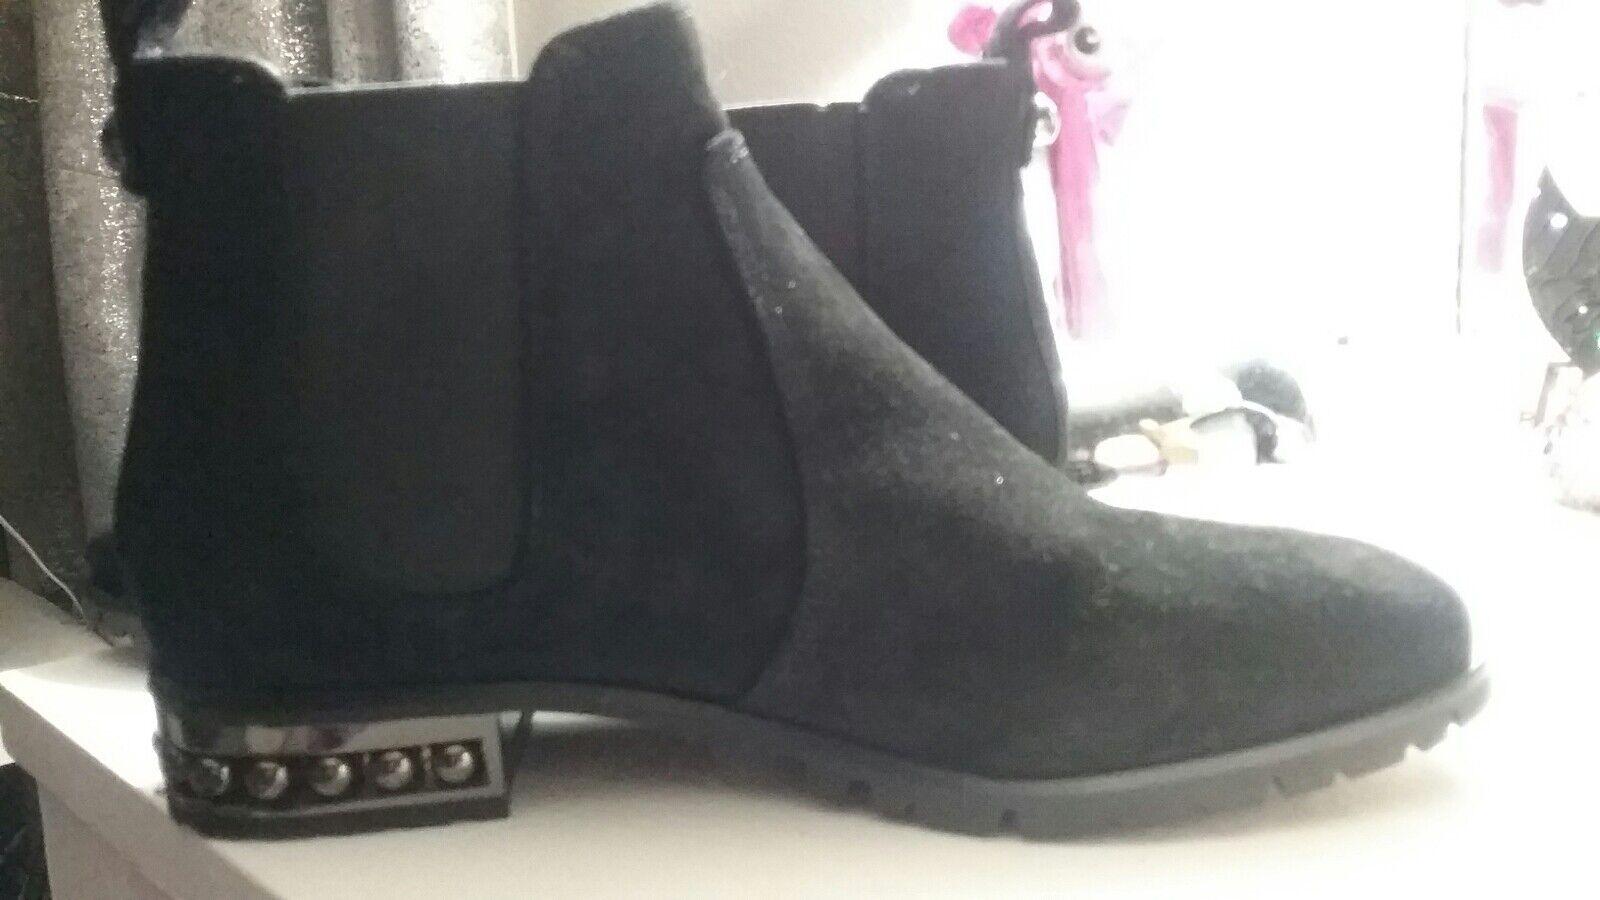 Karl Lagerfeld Satinado Cuero Cuero Cuero de gamuza tobillo botas talla 8 Gorgeous  el estilo clásico